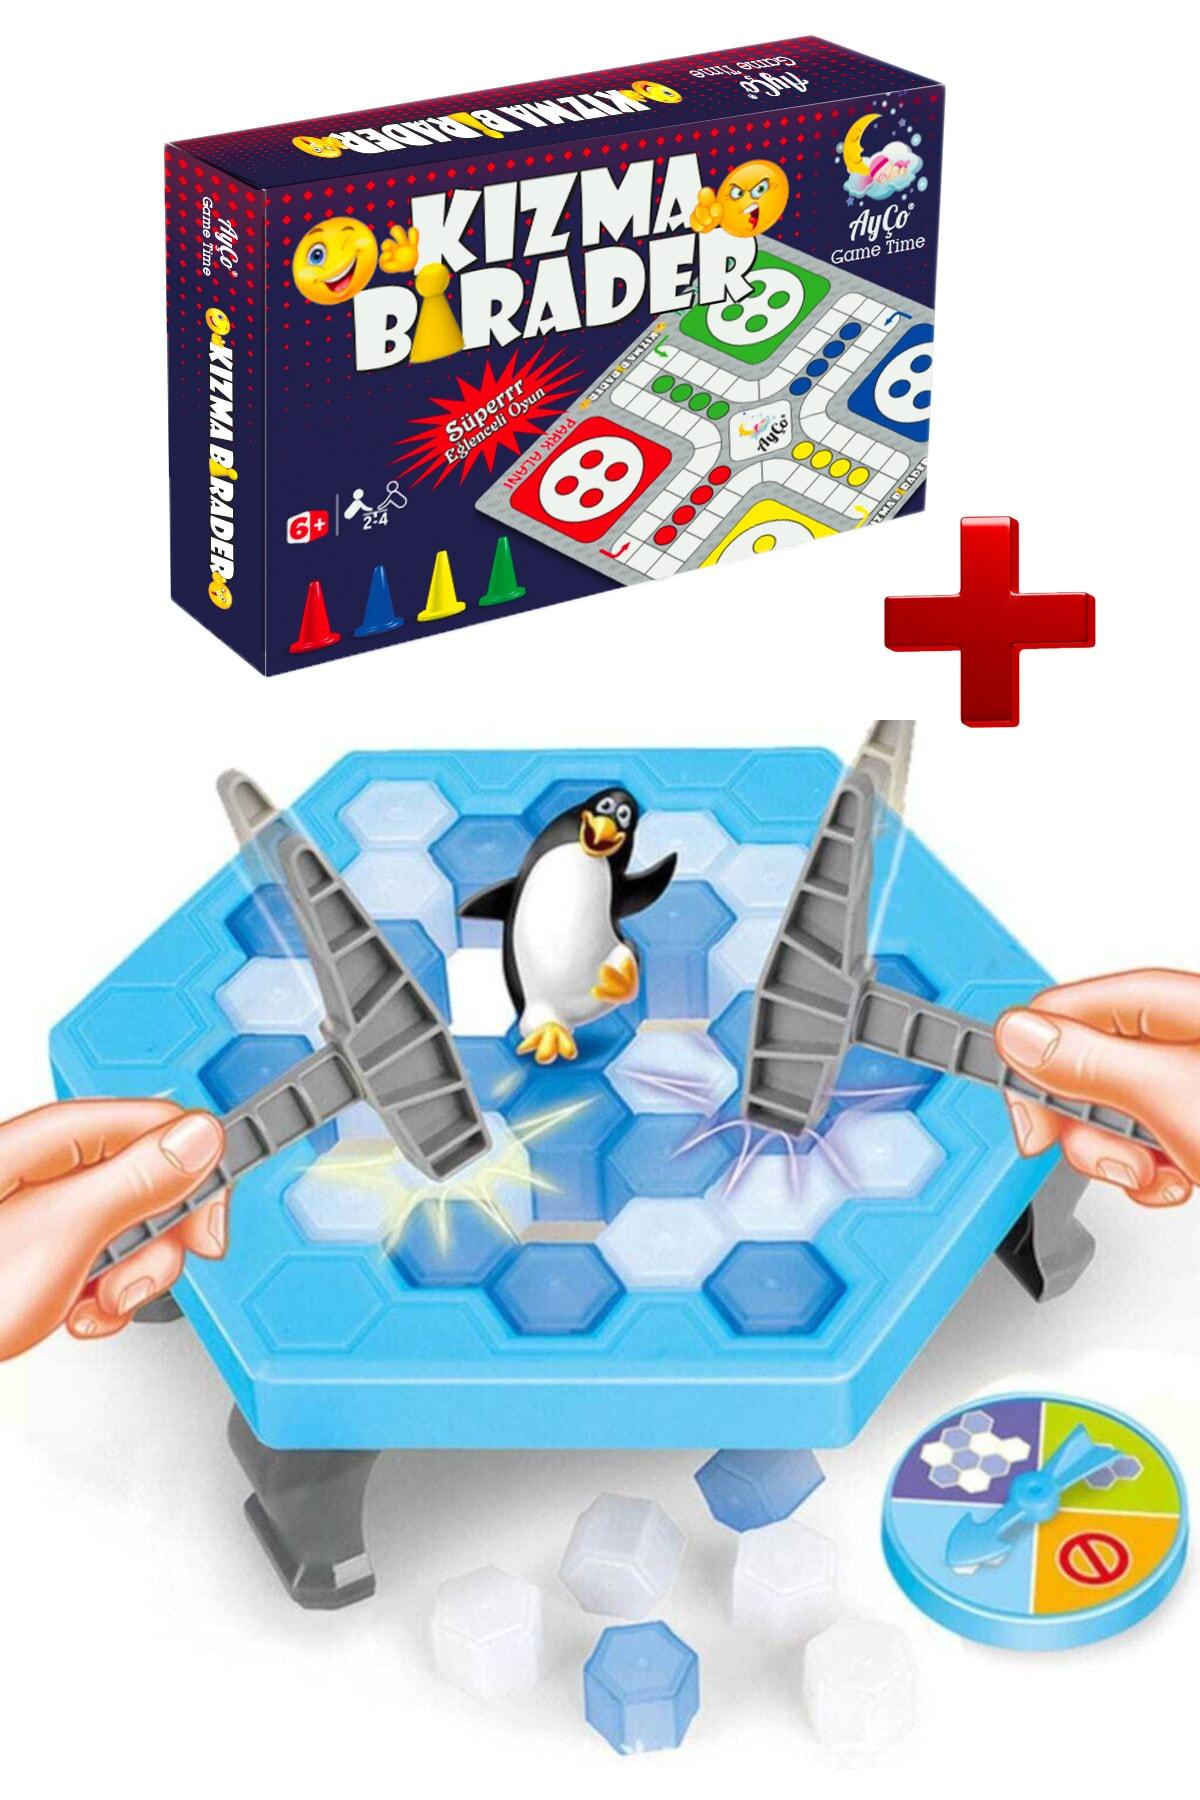 Alshop Buz Kırma Oyunu Penguen Düşürmeli Buz Tuzağı Oyunu Zeka Ve Strateji Kızma Biraderli 1